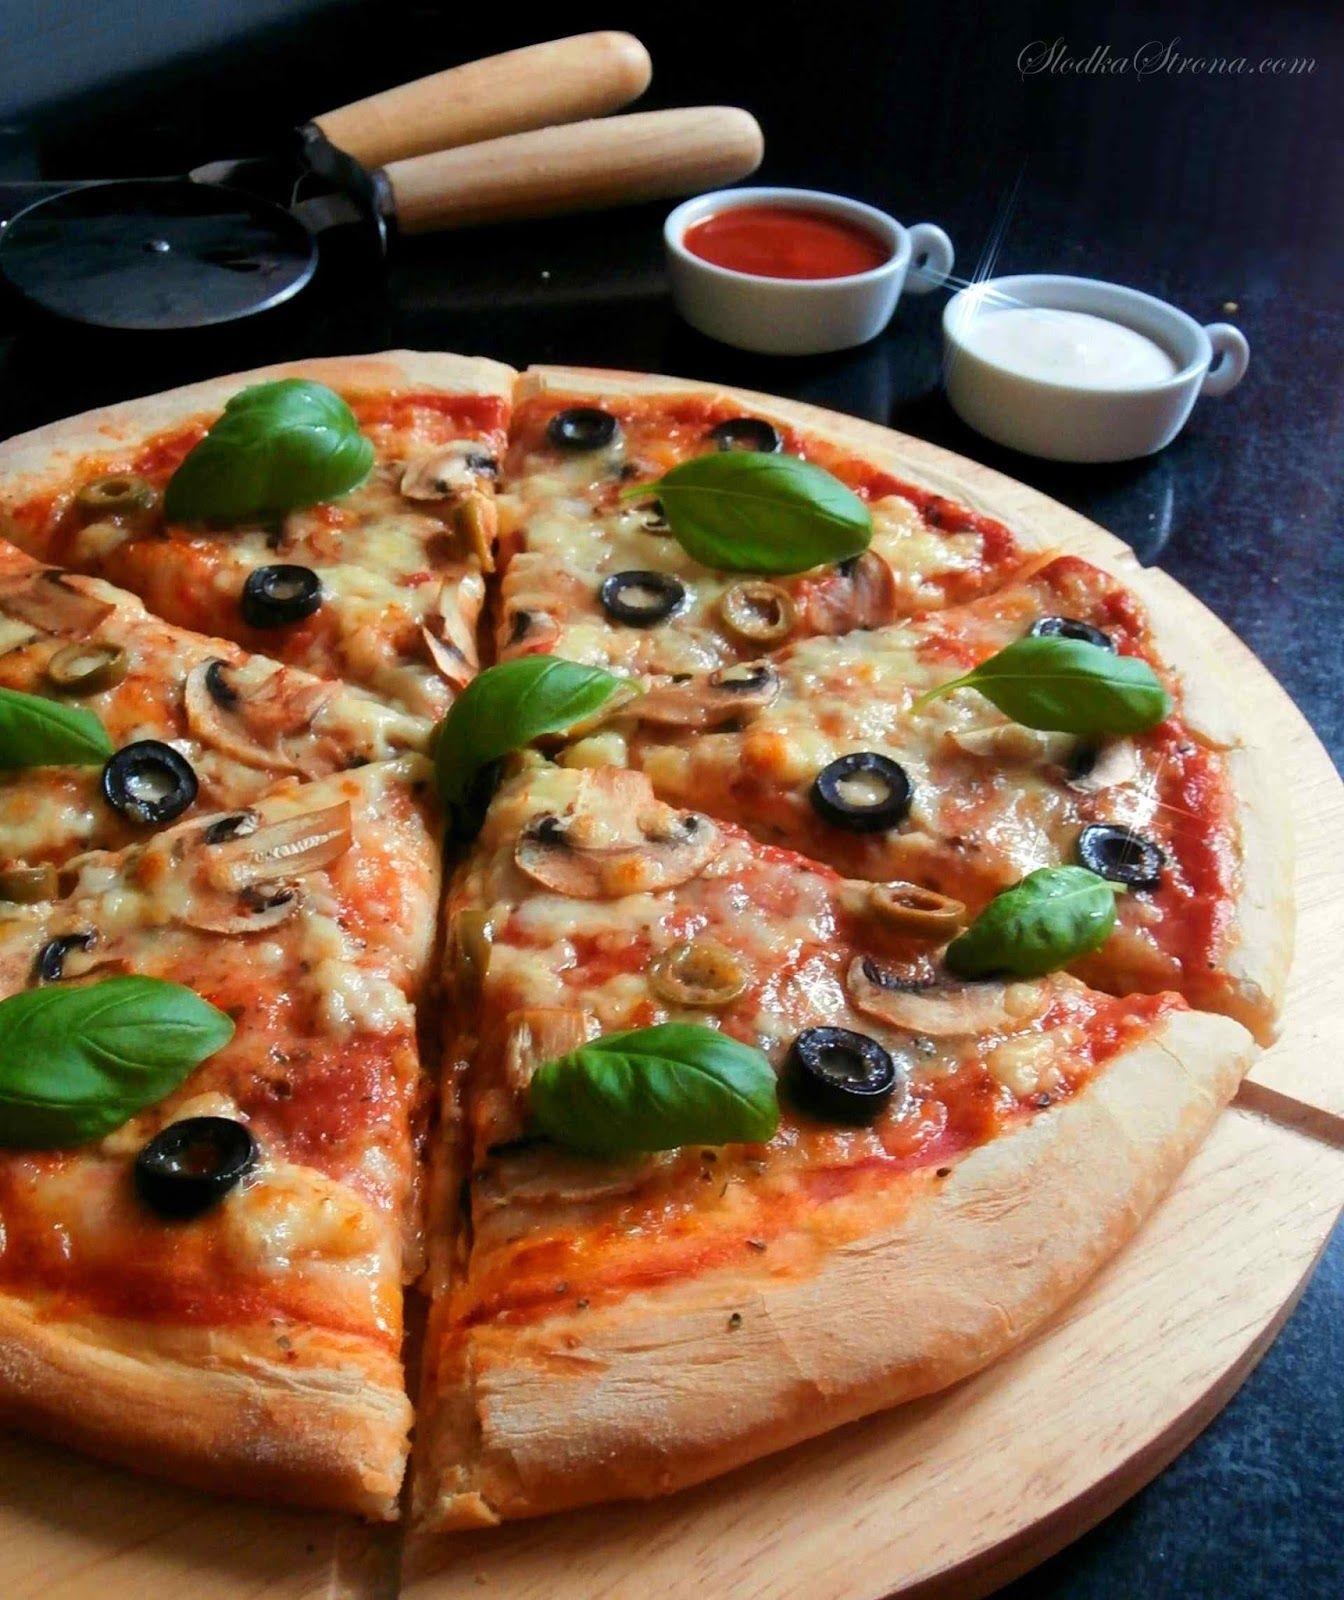 Najlepsza Domowa Pizza Przepis Slodka Strona Healthy Recipes Easy Snacks Pizza Recipes Homemade Pizza Recipes